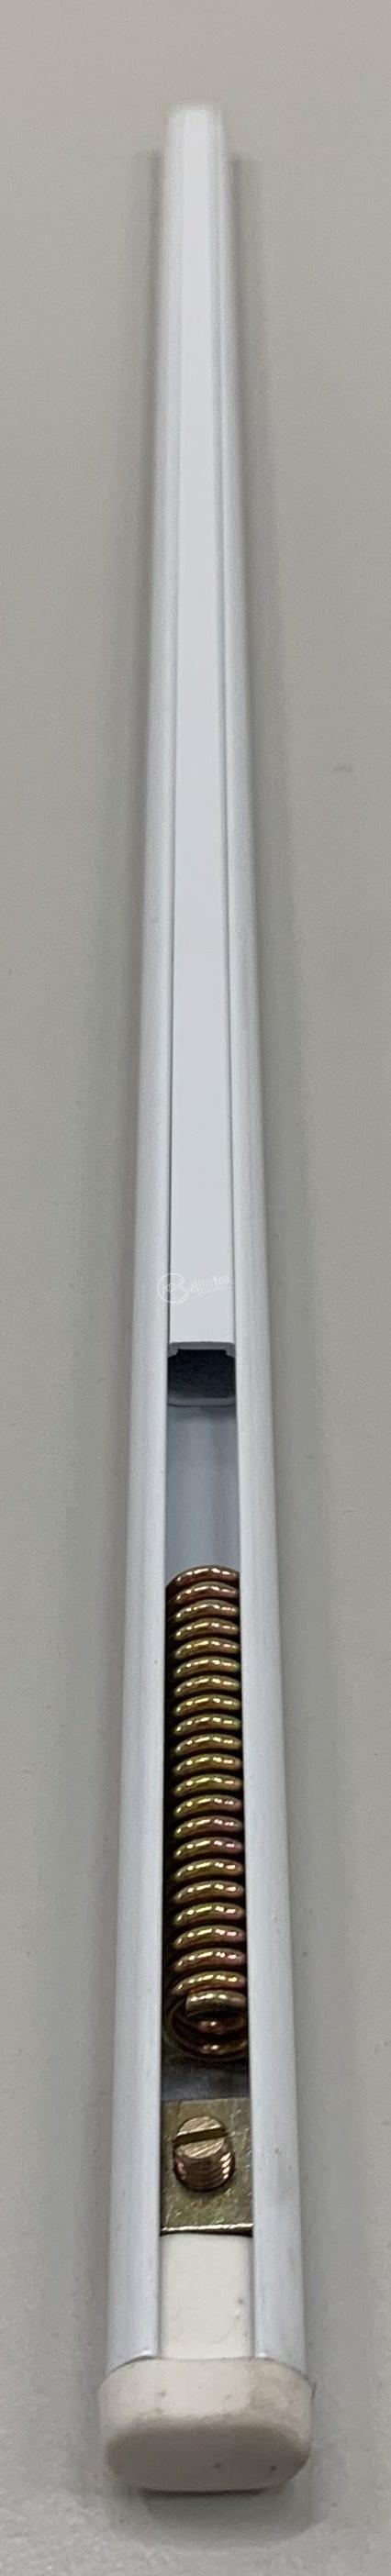 sellforyou immagine default articolo correlato non trovatoGuidatenda Fixxo estensibile in alluminio 56 - 90 cm